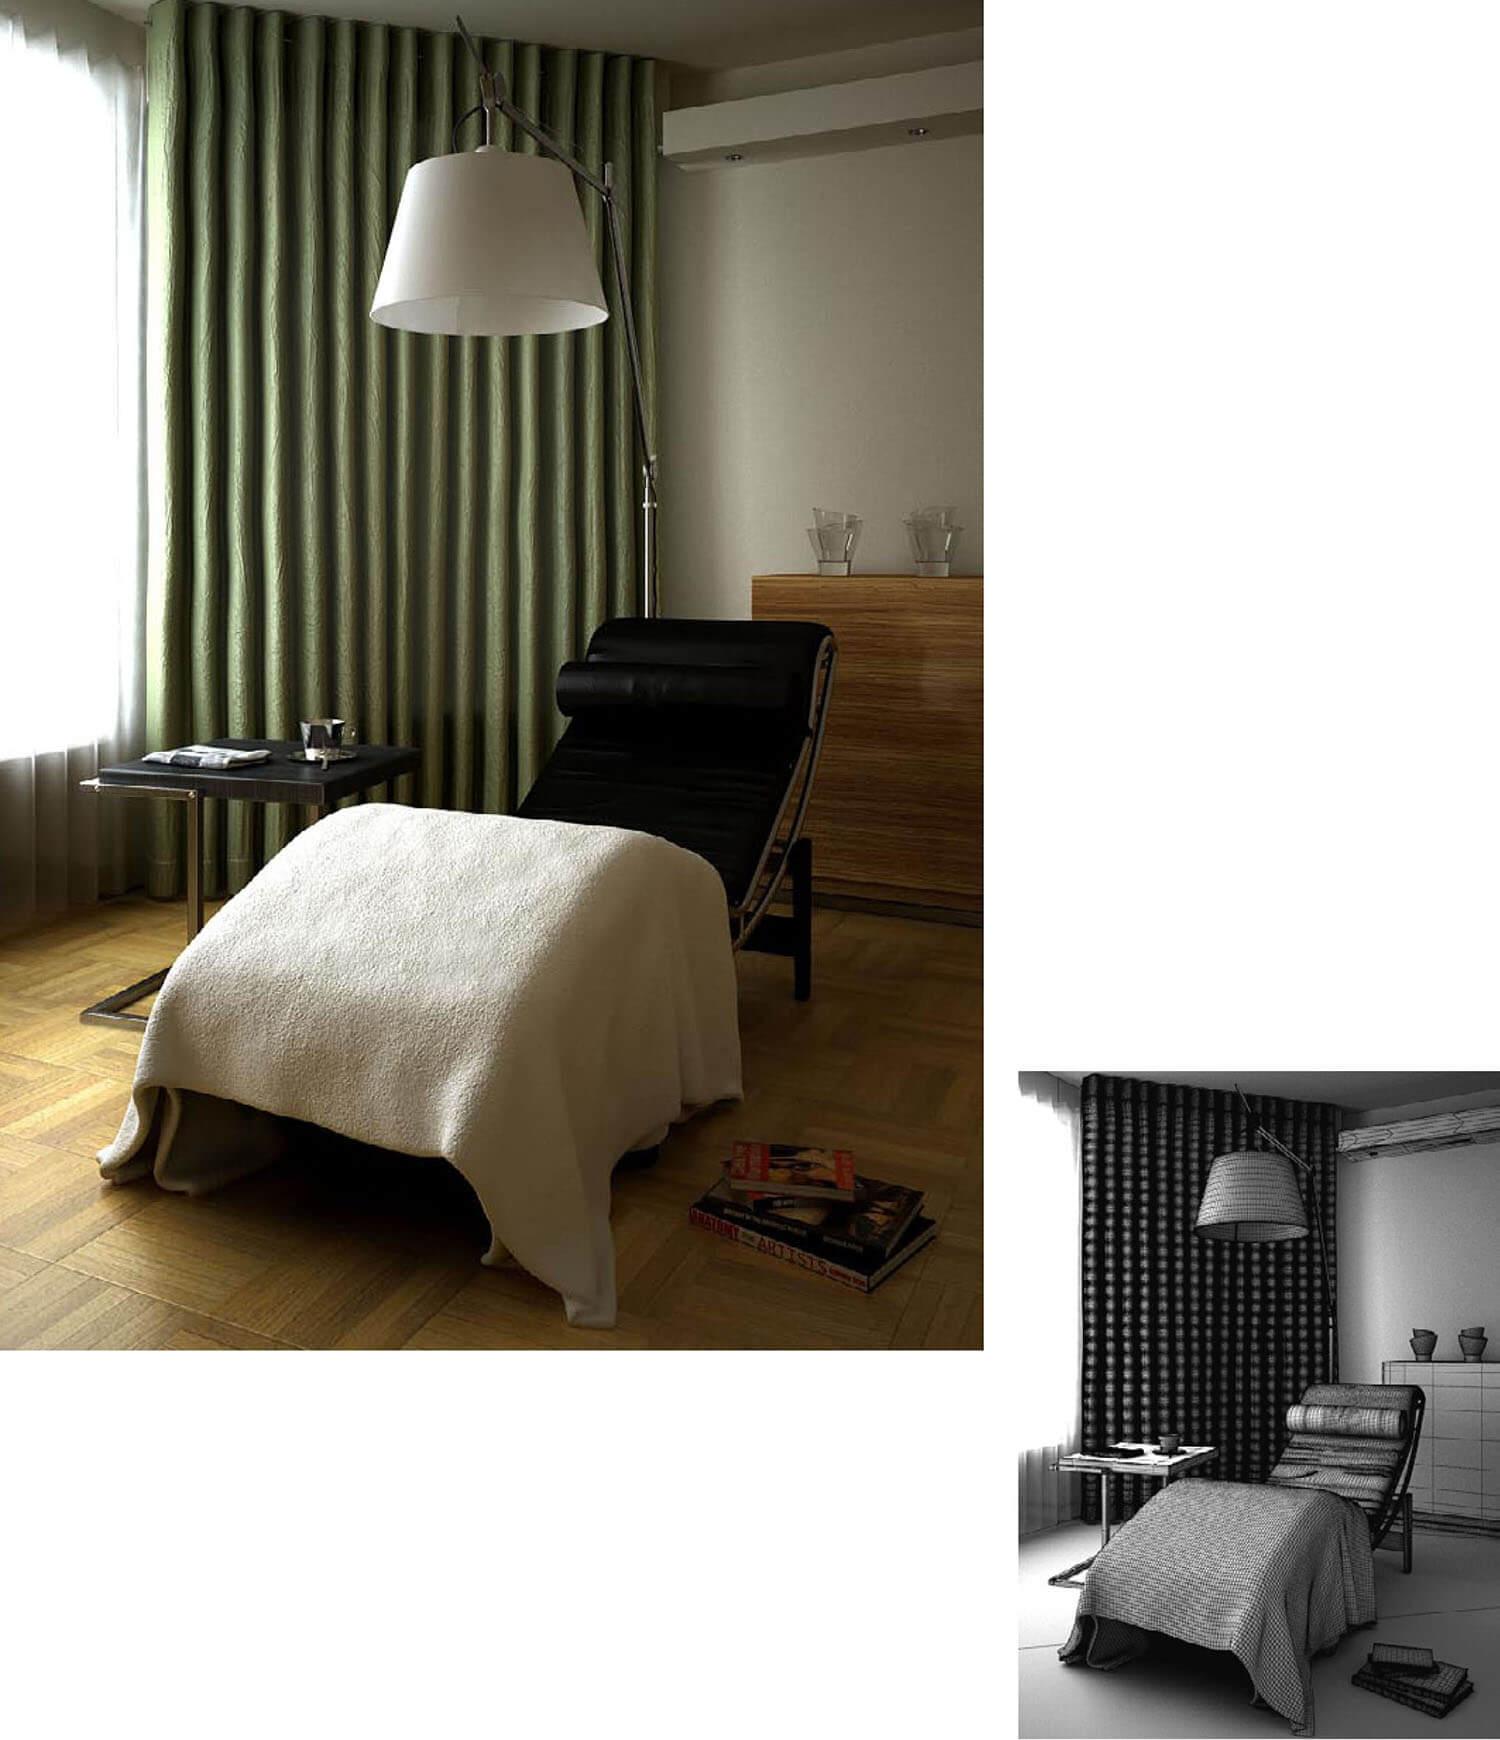 Ghế tựa đa năng tiện dụng trong phòng ngủ